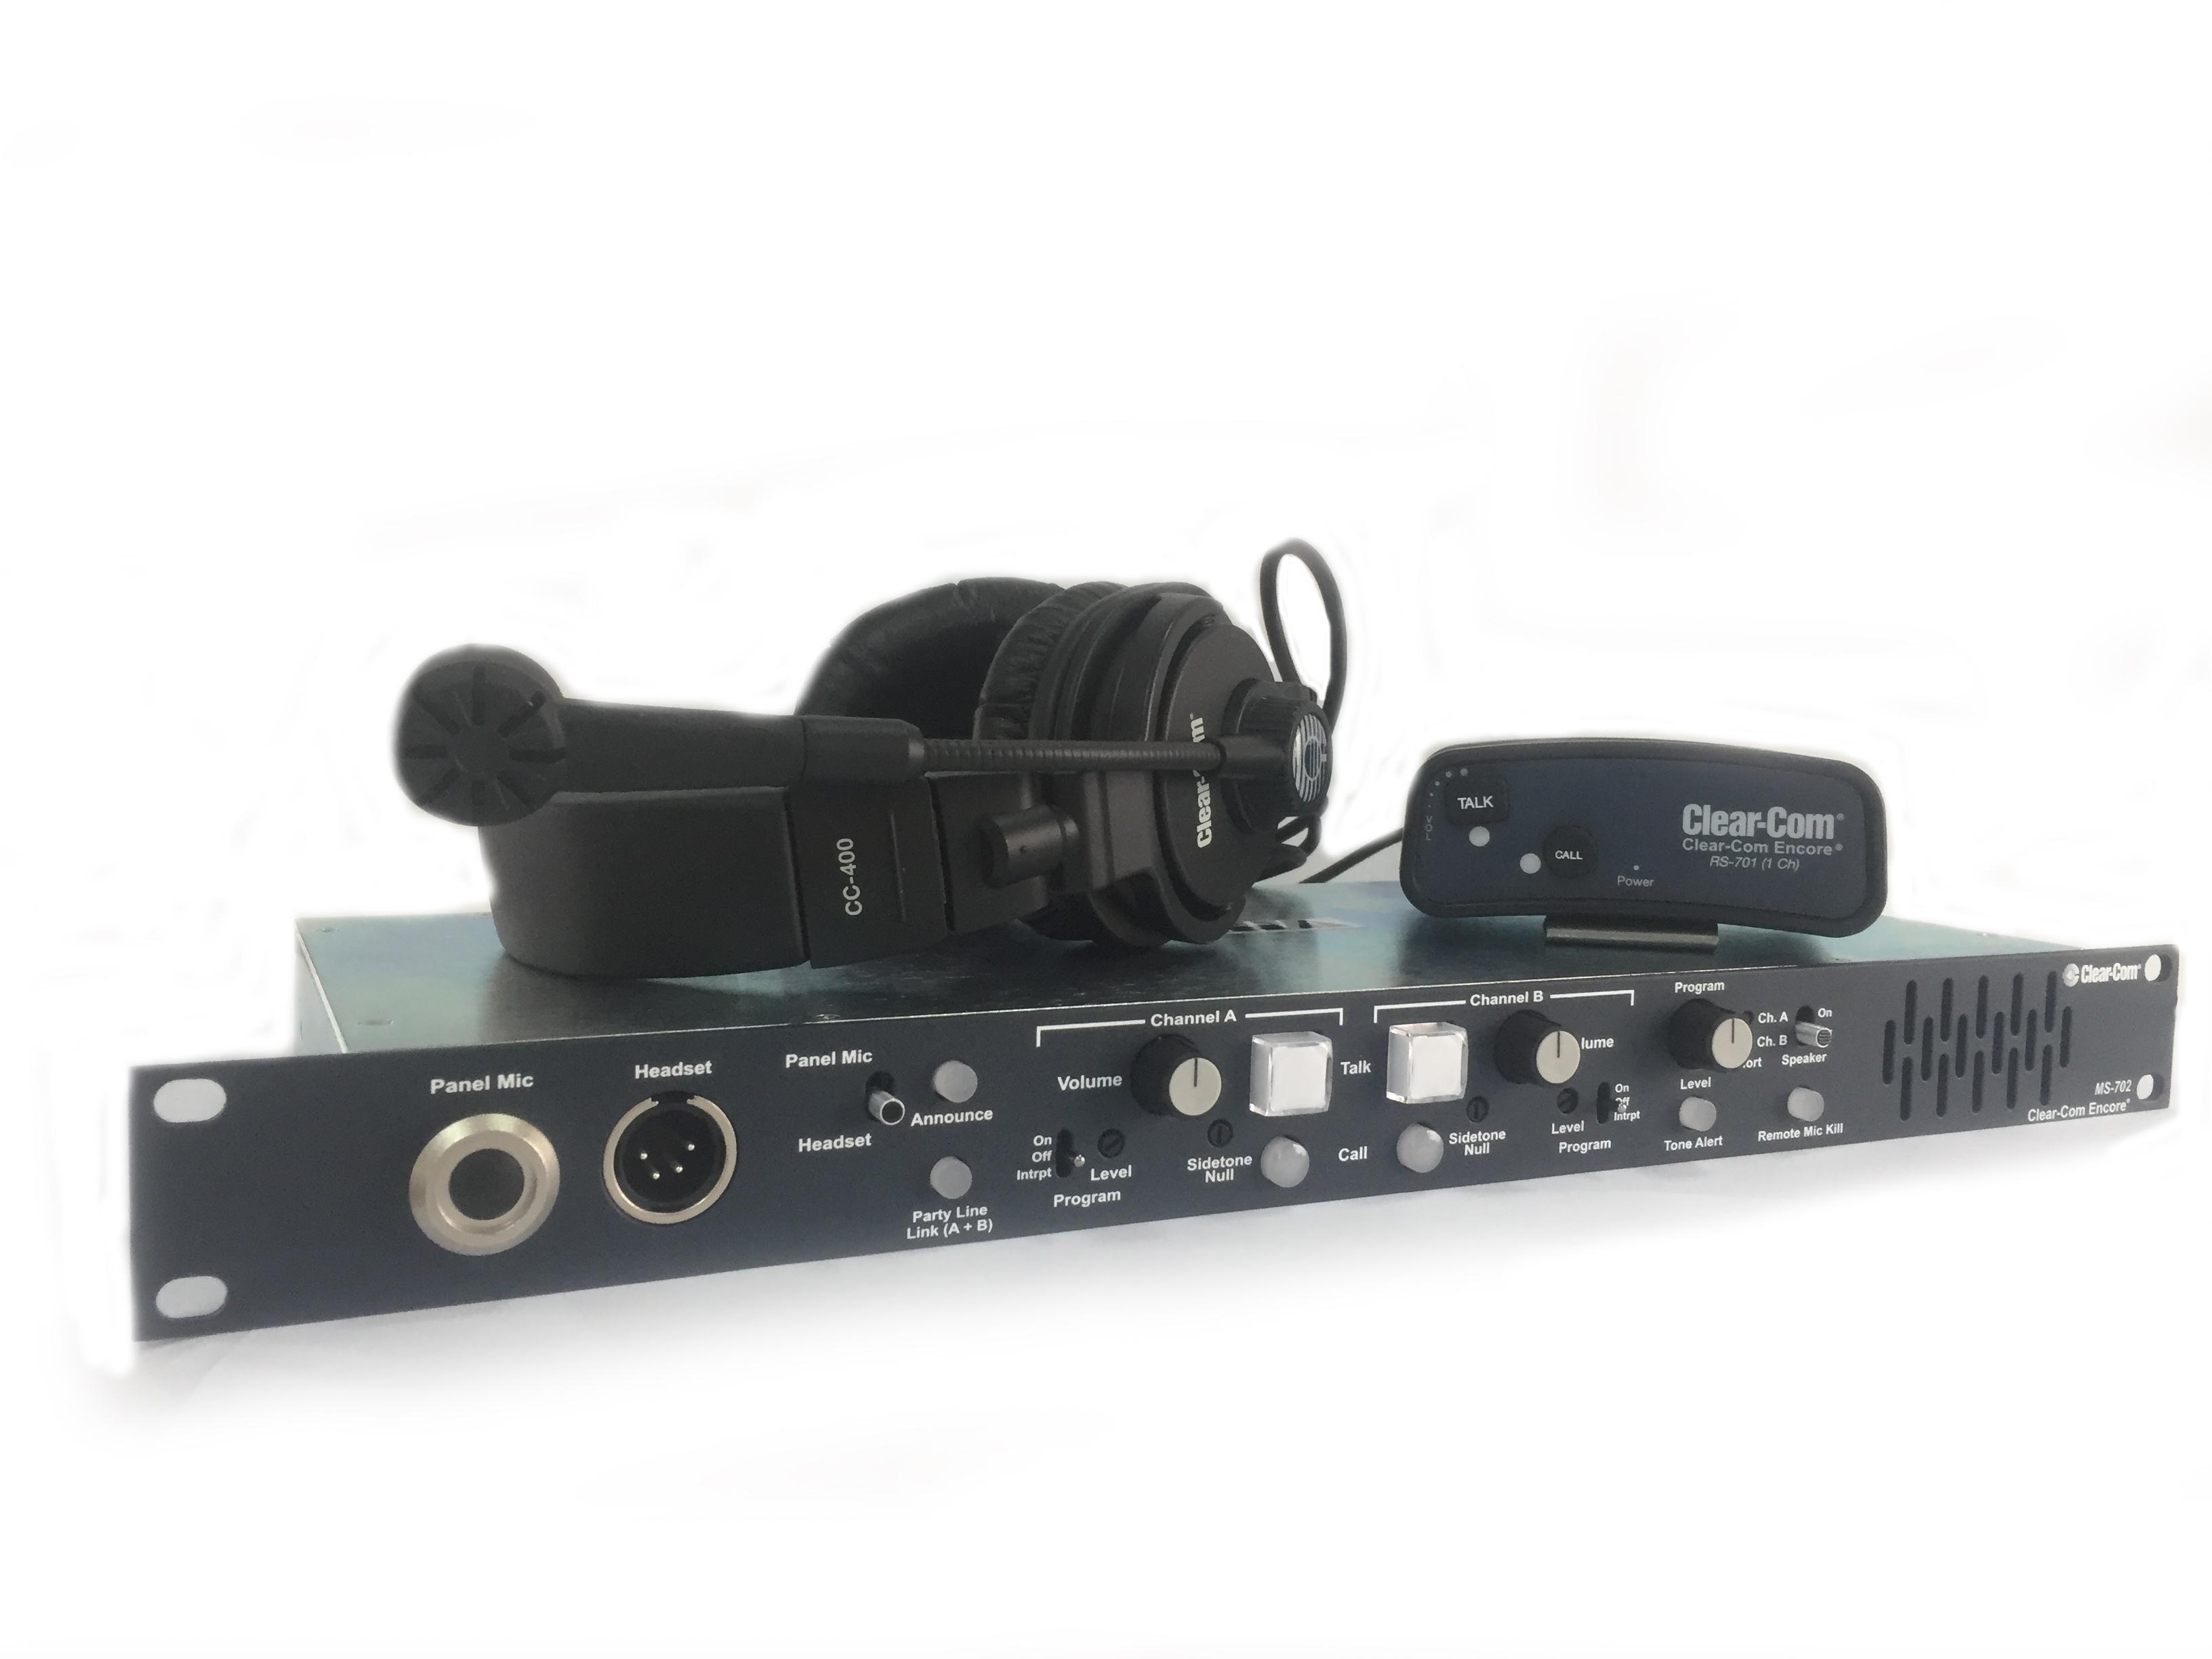 Clearcom MS-702